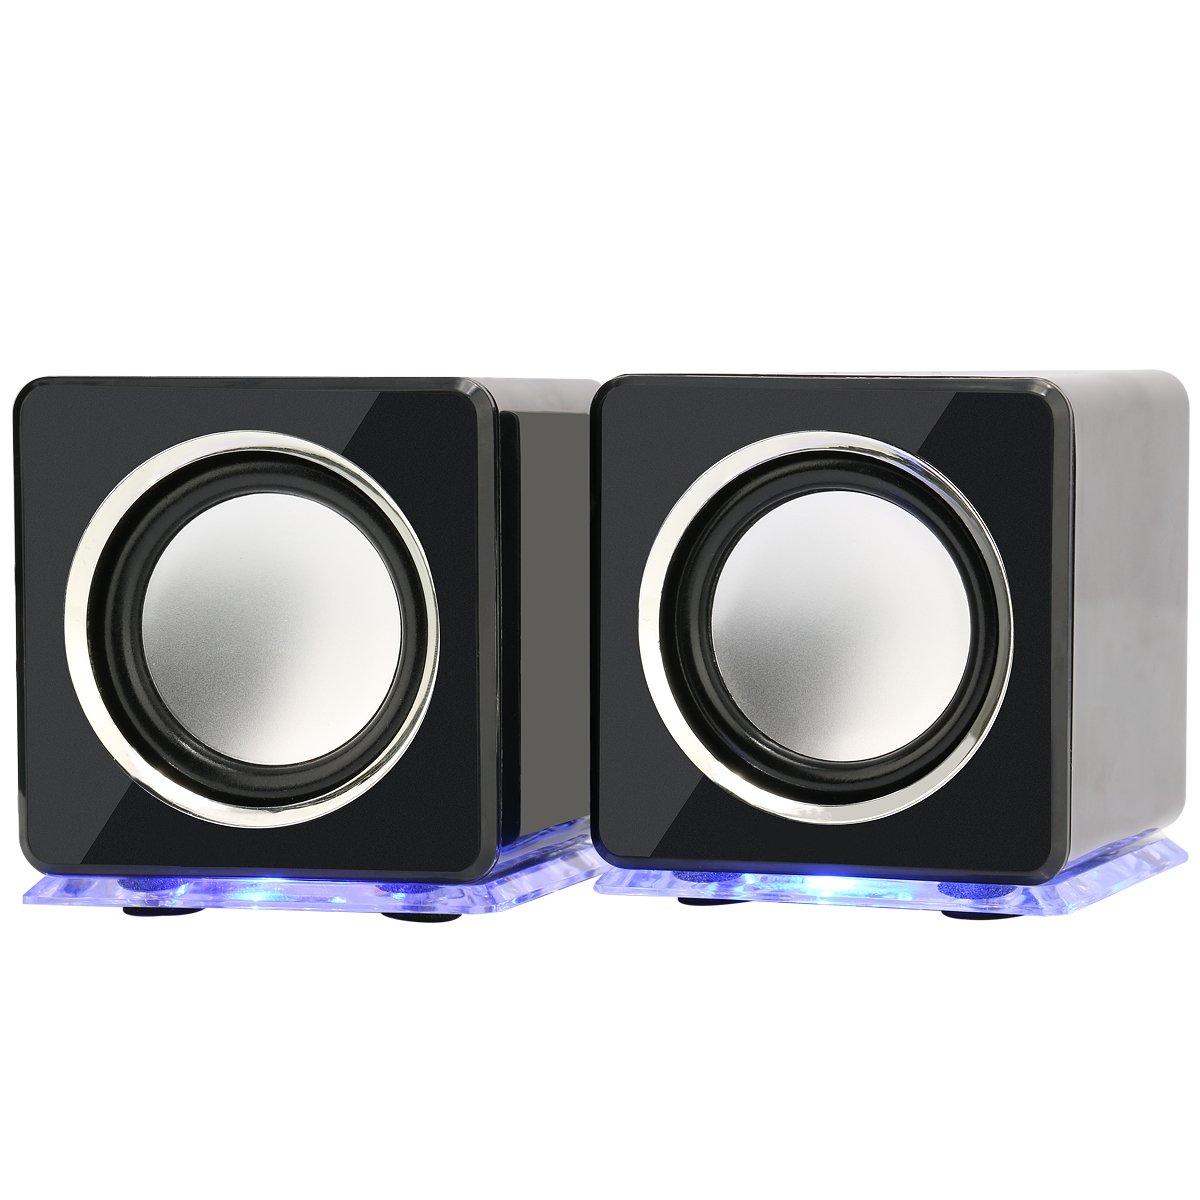 Incutex rainbow speaker, LED Boxen, PC Notebook Lautsprecher, Audio Boxen, portable speaker, tragbare Boxen, Schwarz #666sw..